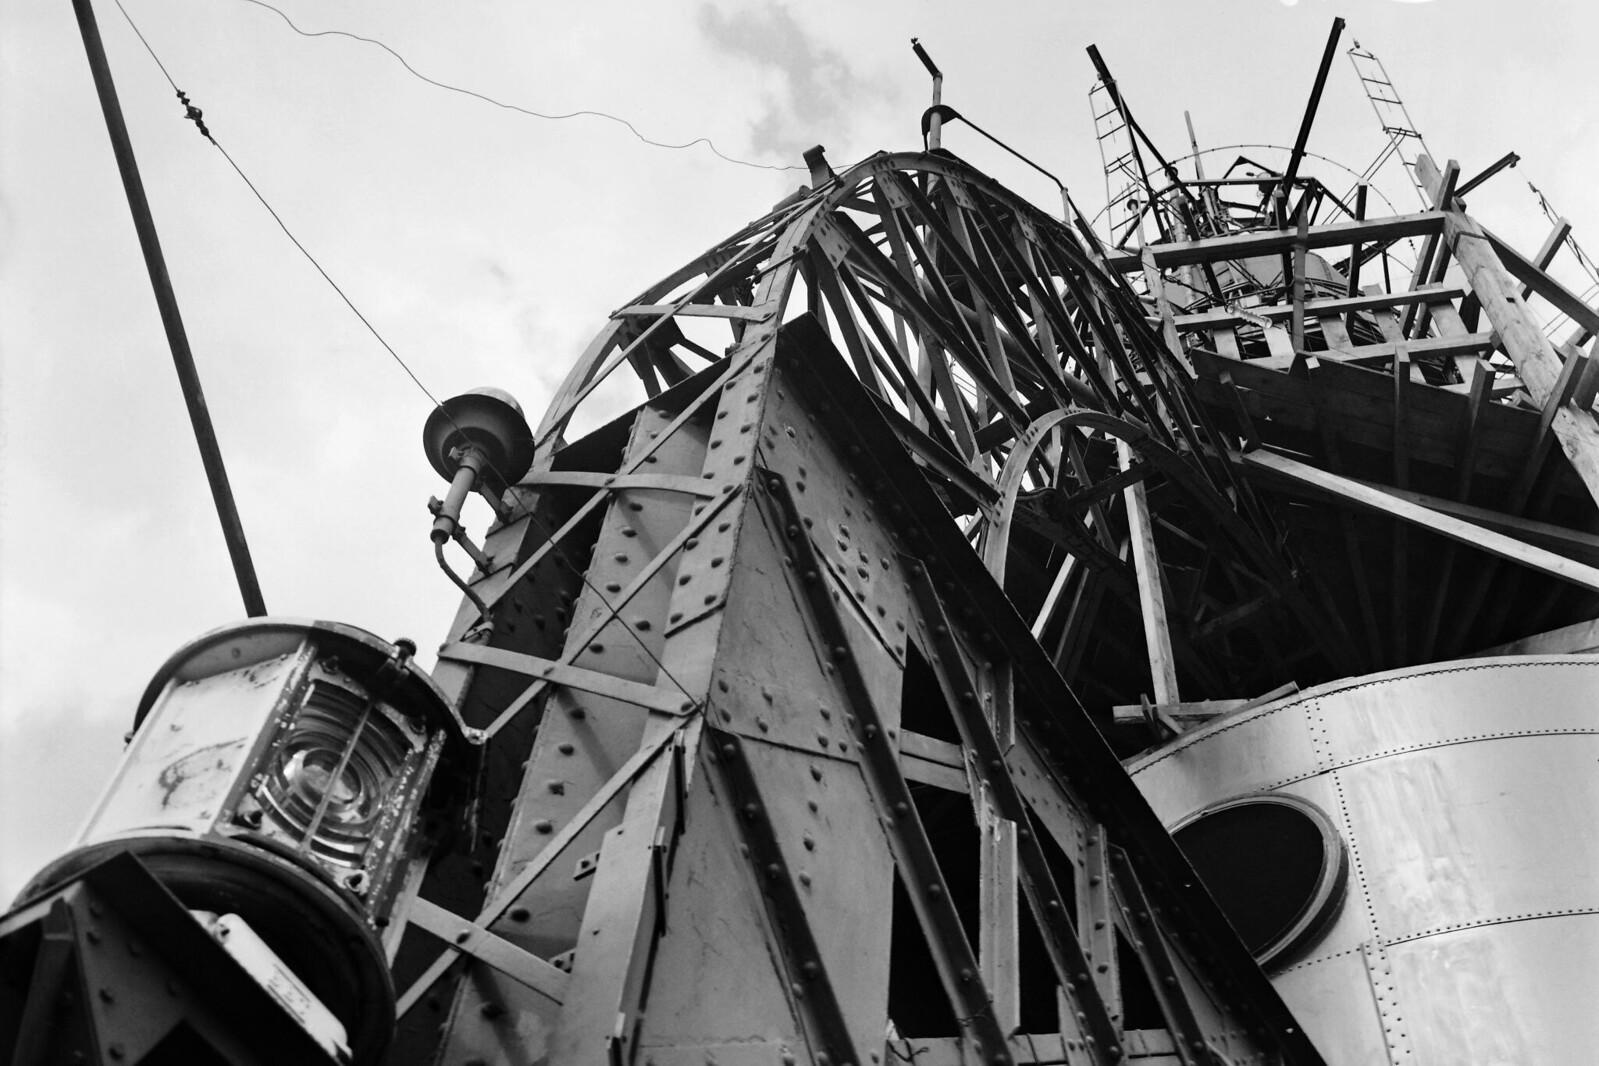 04. 1949. Снимок телевизионной антенны, установленной на вершине Эйфелевой башни, август